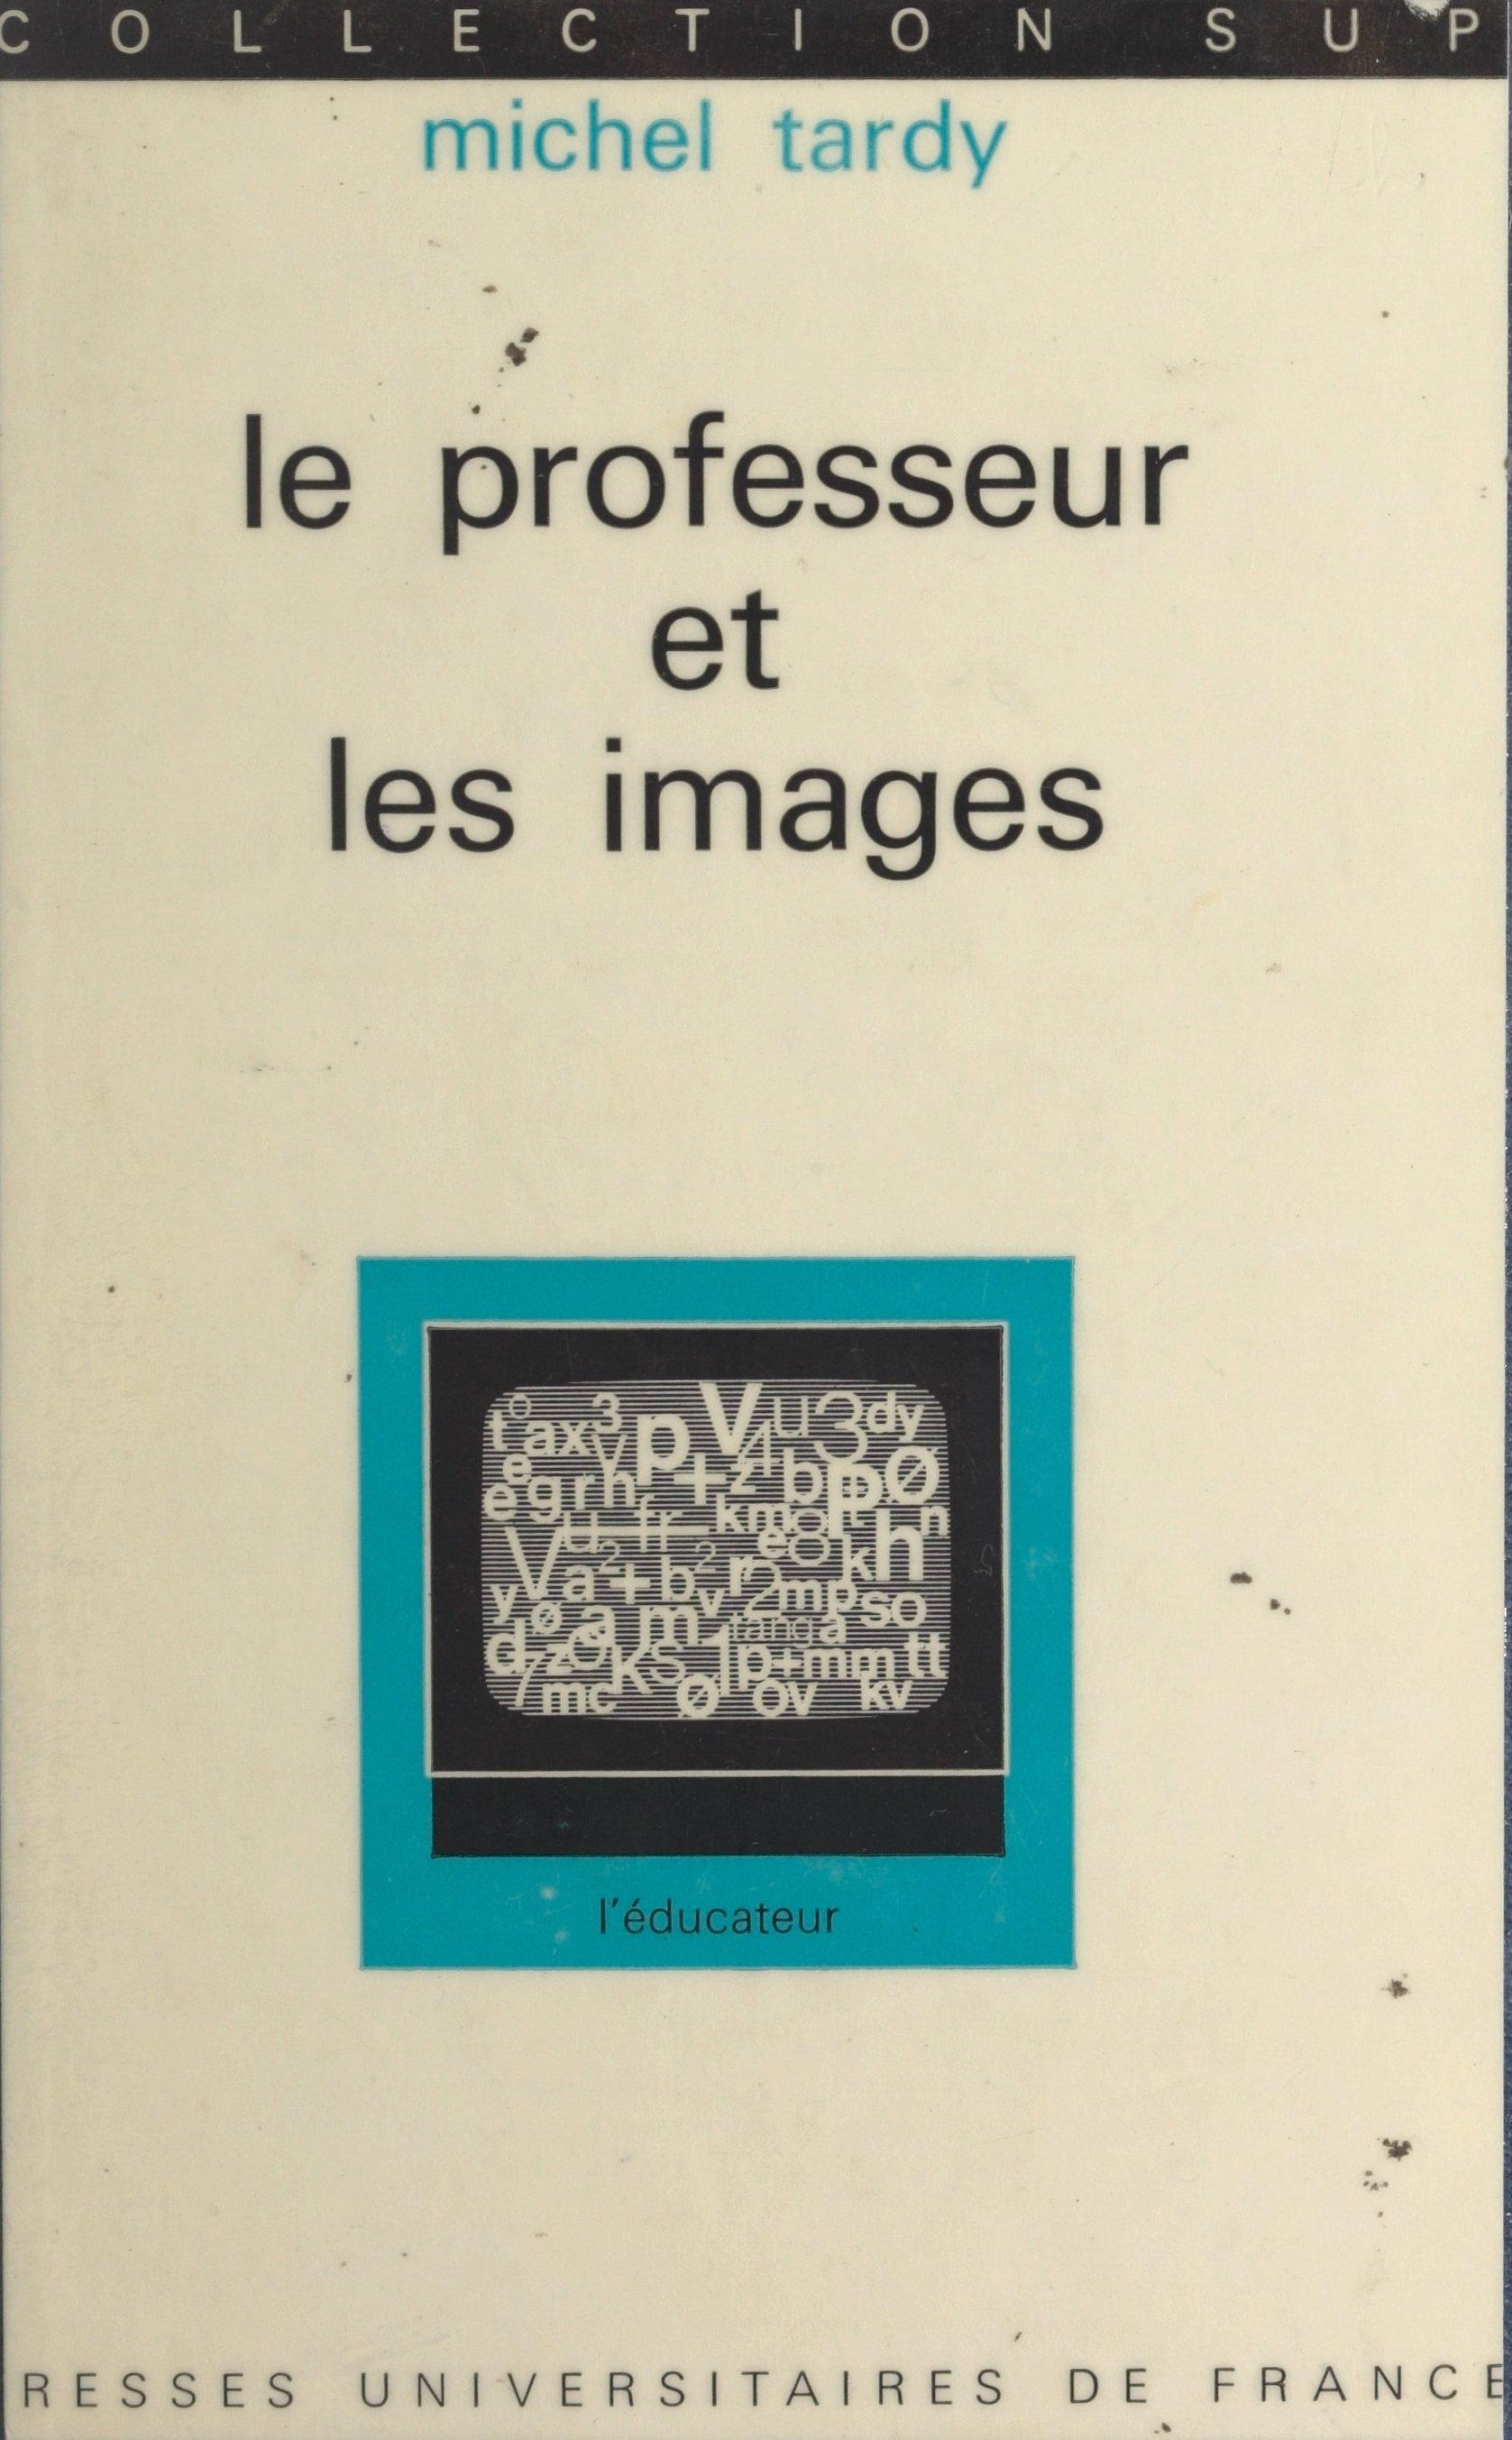 Le professeur et les images